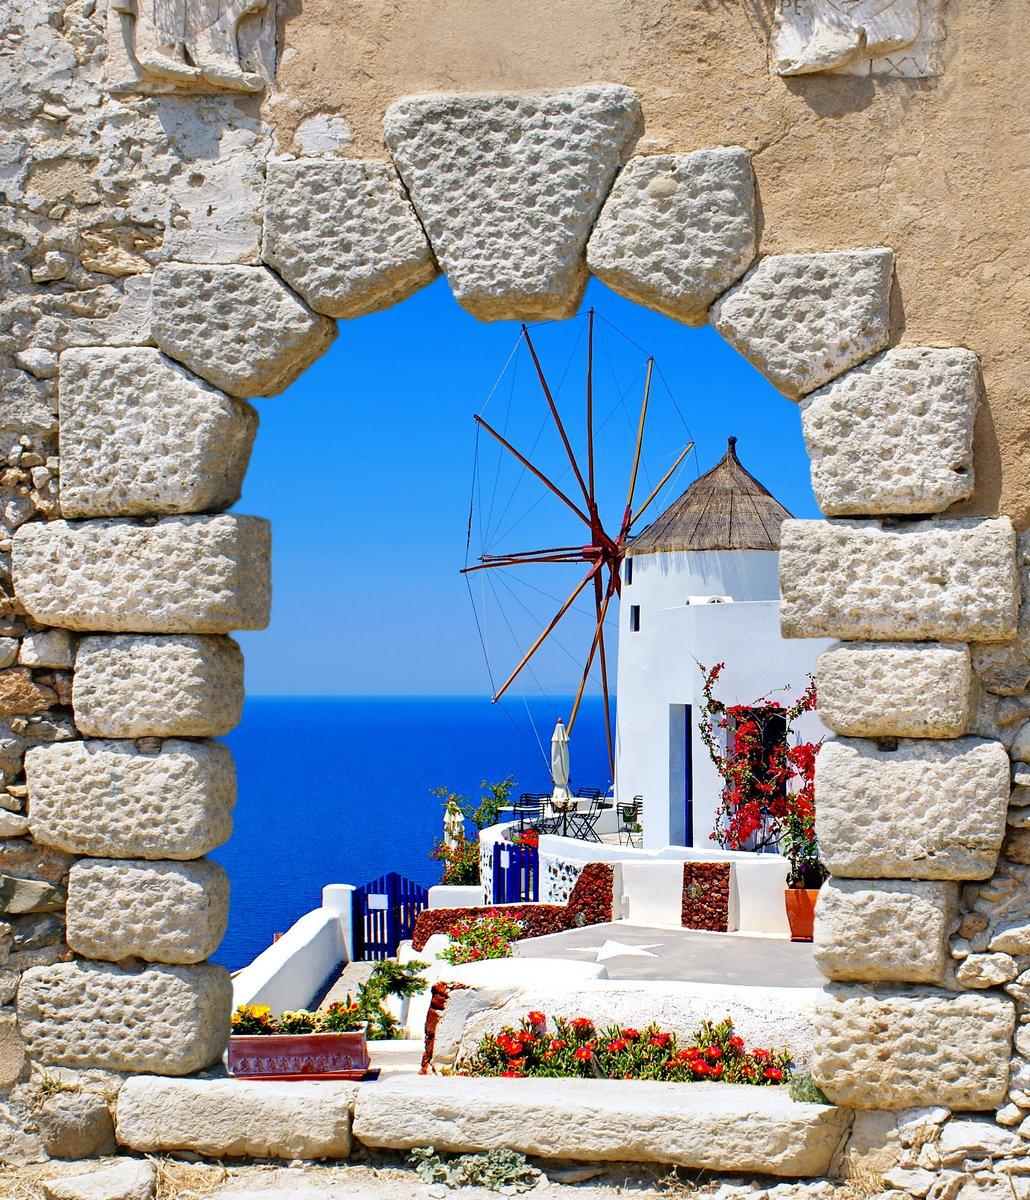 Постер Санторини Мельницу из старого окна на острове Санторини, ГрецияСанторини<br>Постер на холсте или бумаге. Любого нужного вам размера. В раме или без. Подвес в комплекте. Трехслойная надежная упаковка. Доставим в любую точку России. Вам осталось только повесить картину на стену!<br>